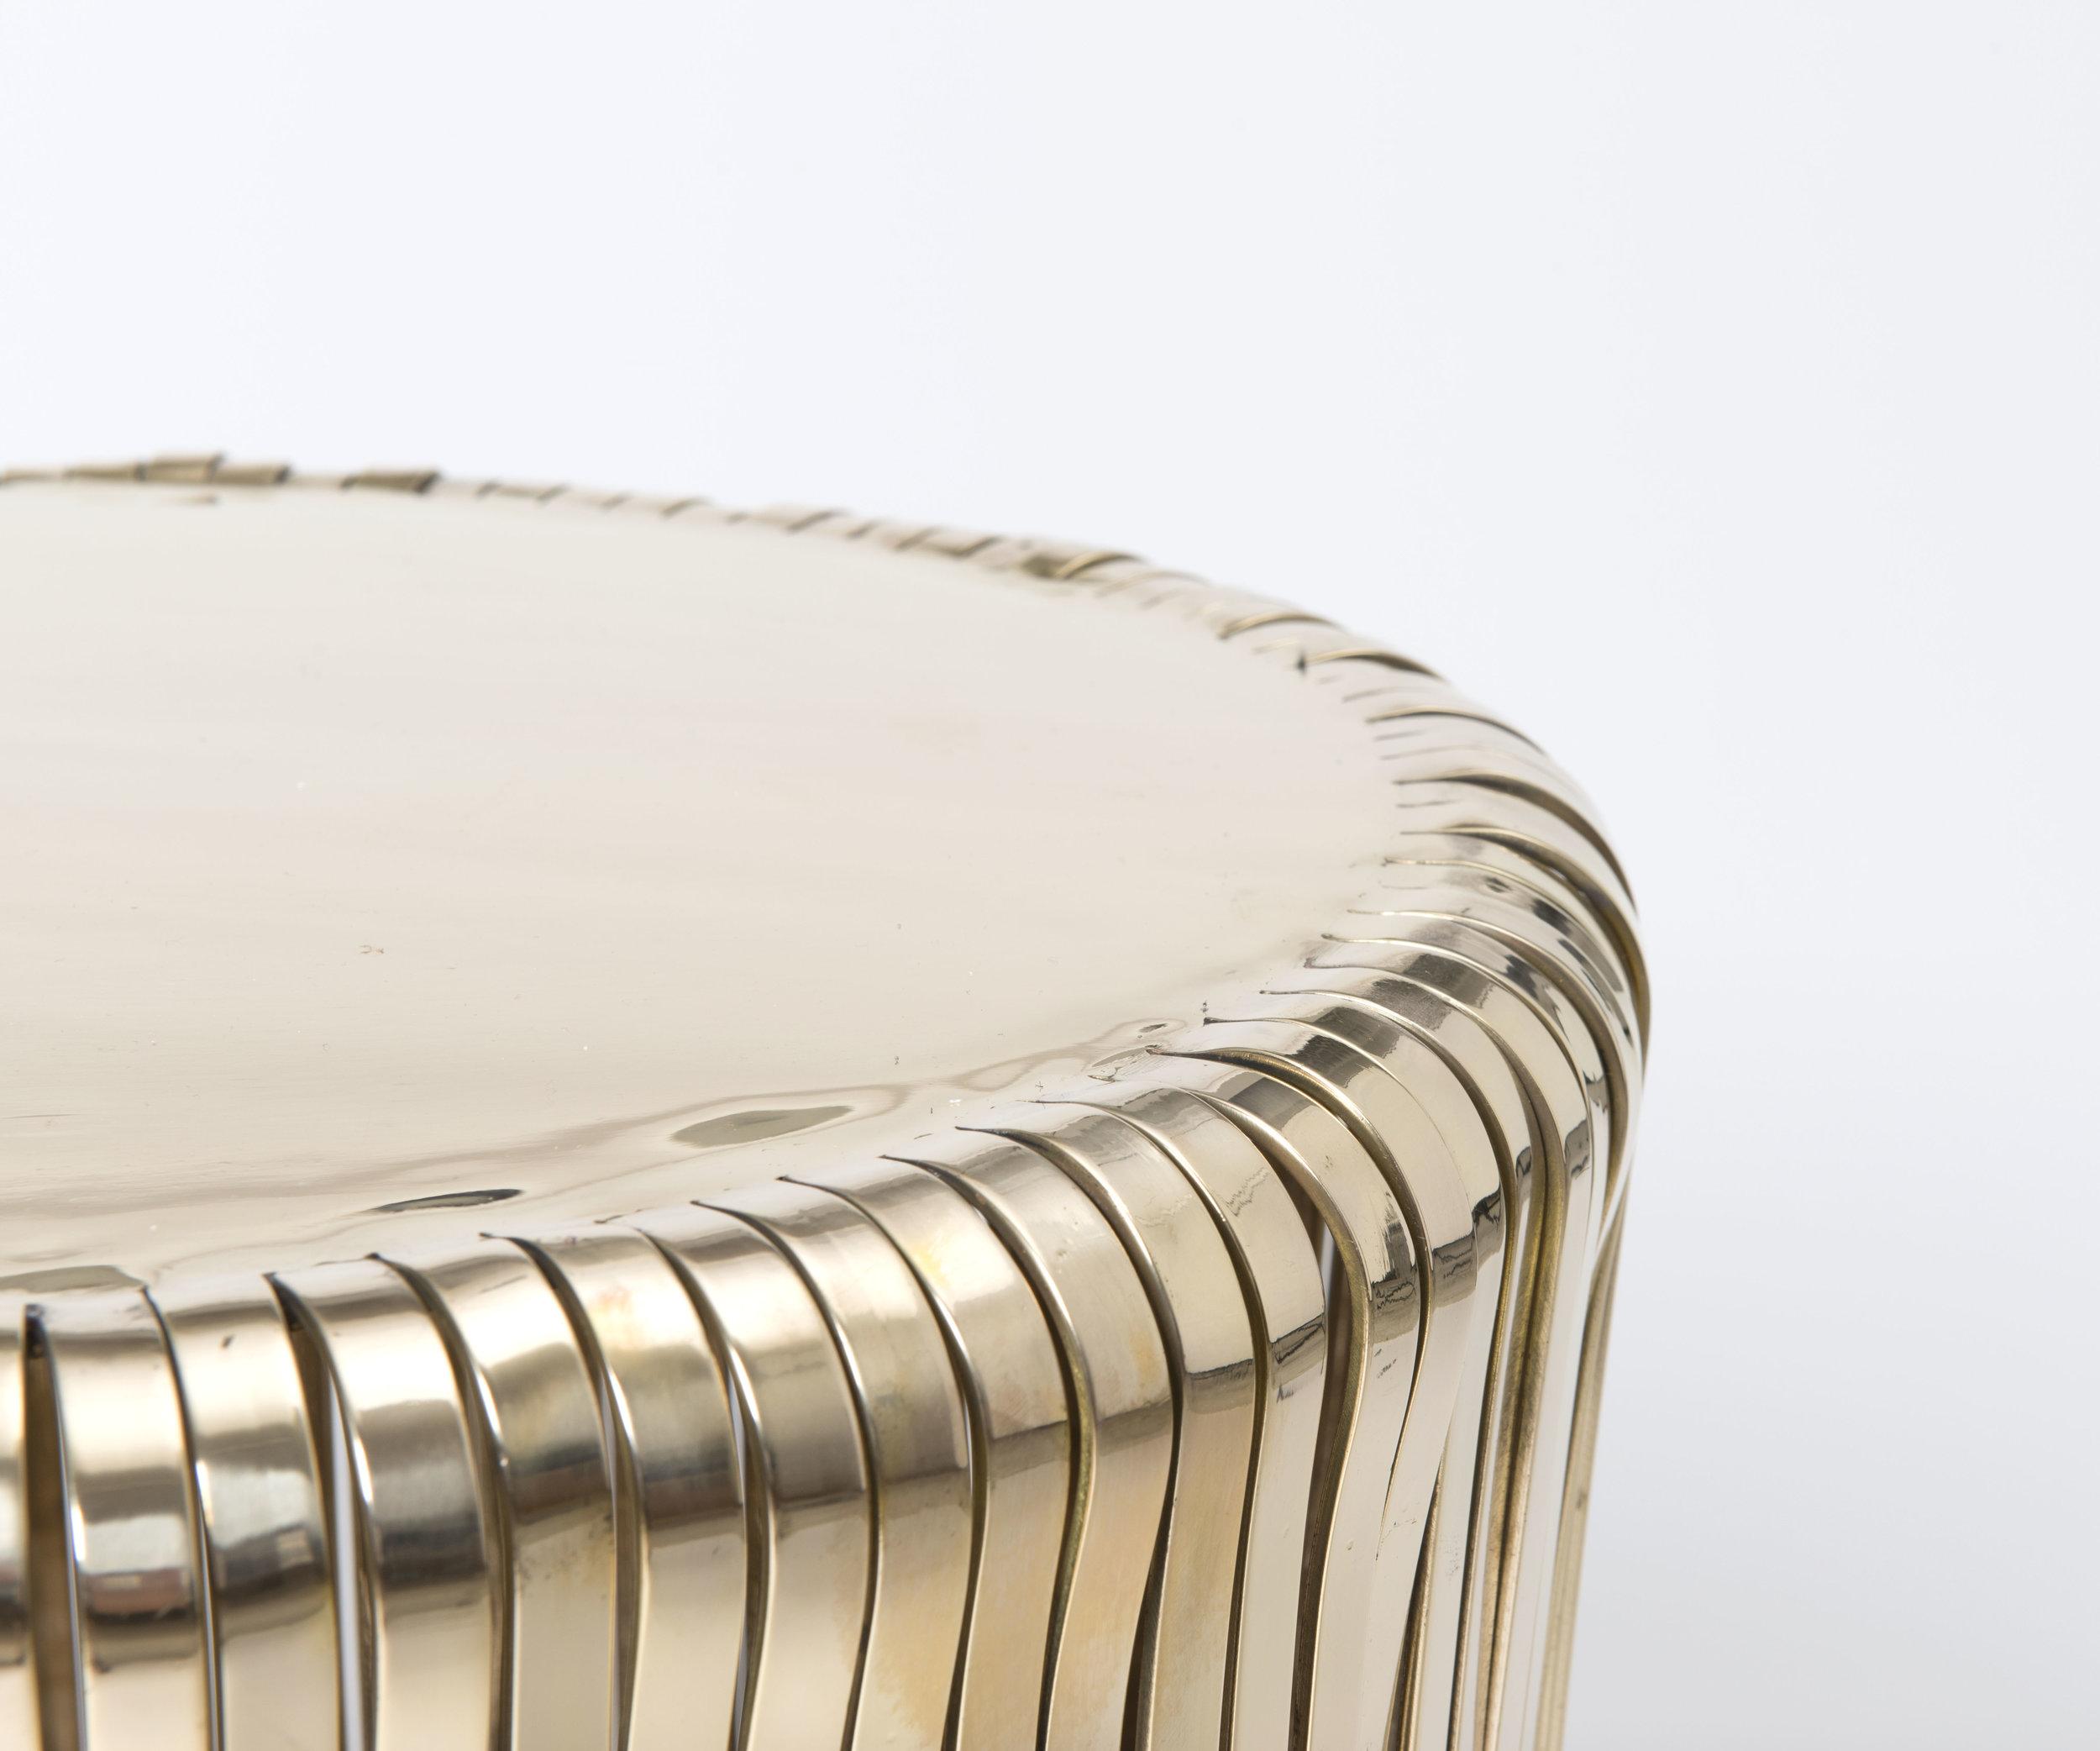 lana table_detail.jpg